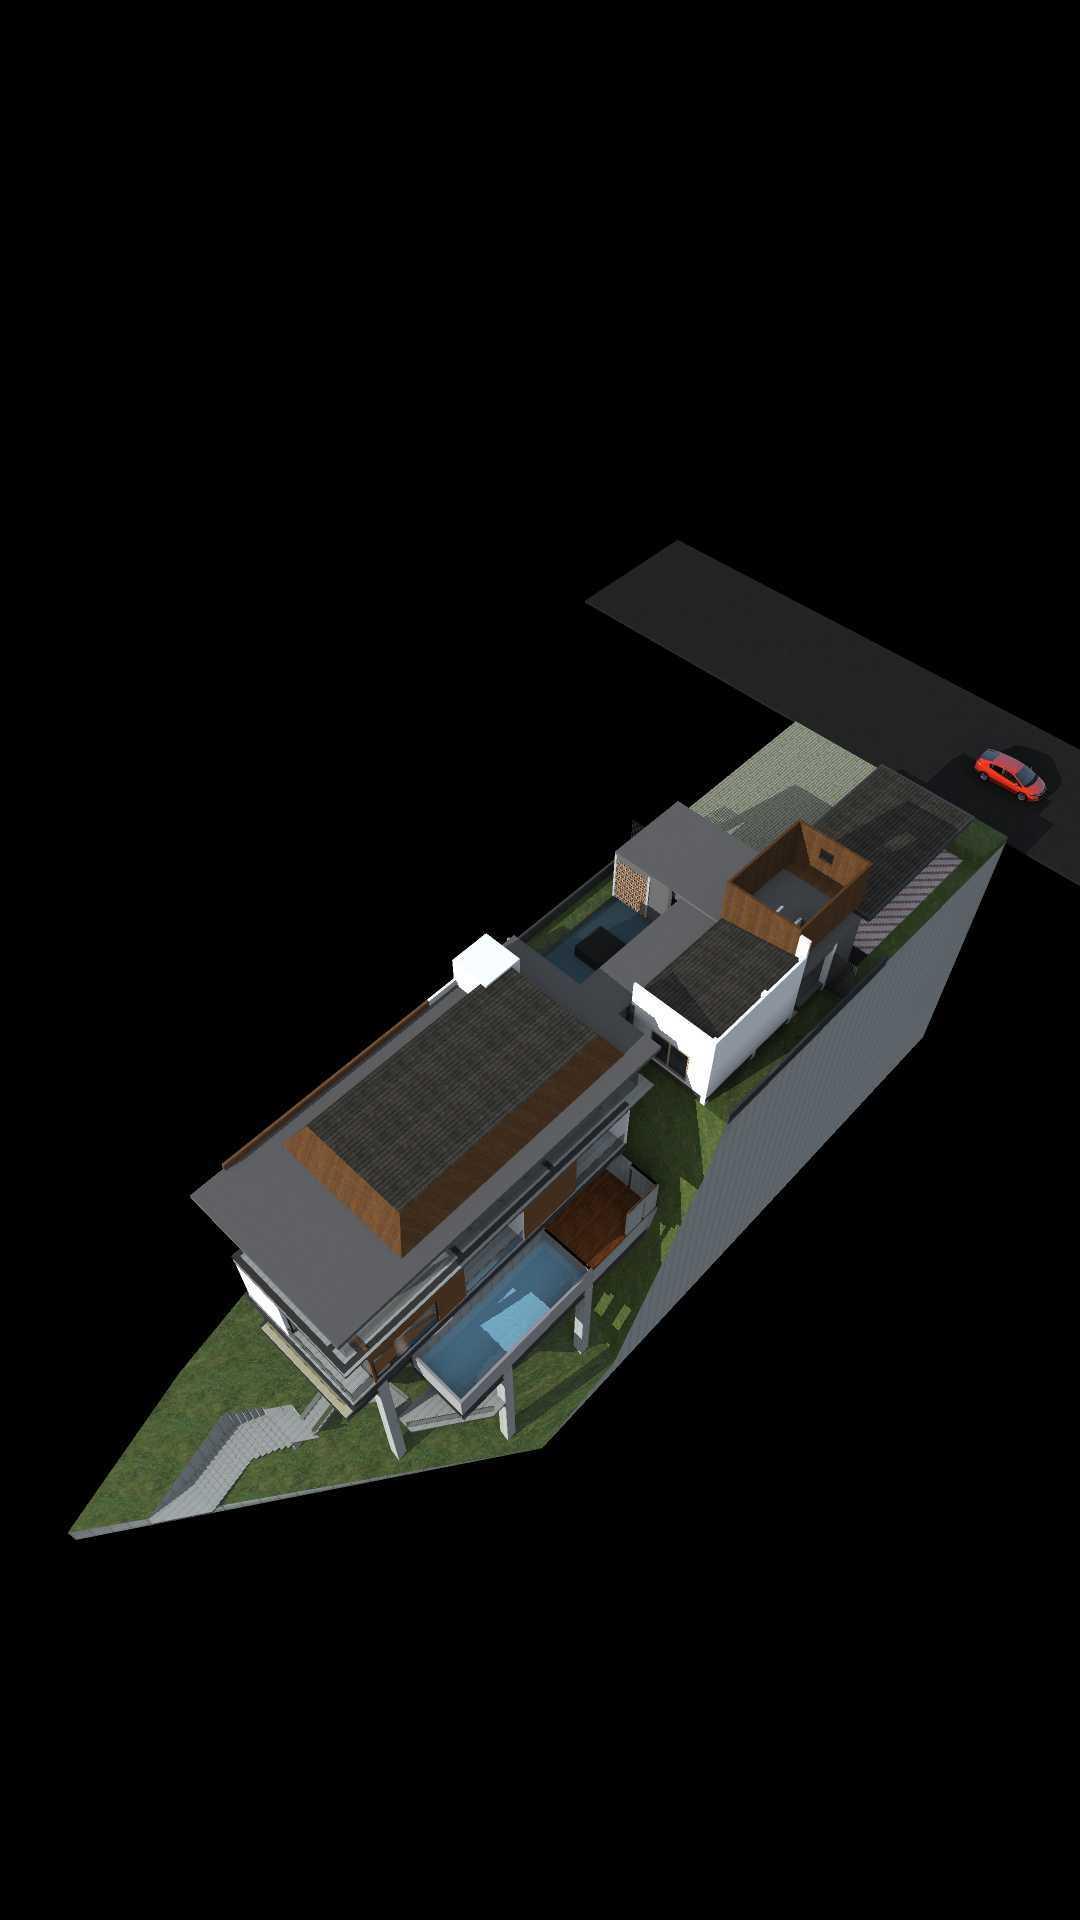 Qavah Architect Rumah Tebing Sukabumi, Sukabumi Regency, Jawa Barat, Indonesia Sukabumi, Sukabumi Regency, Jawa Barat, Indonesia Qavah-Architect-Rumah-Tebing  86823